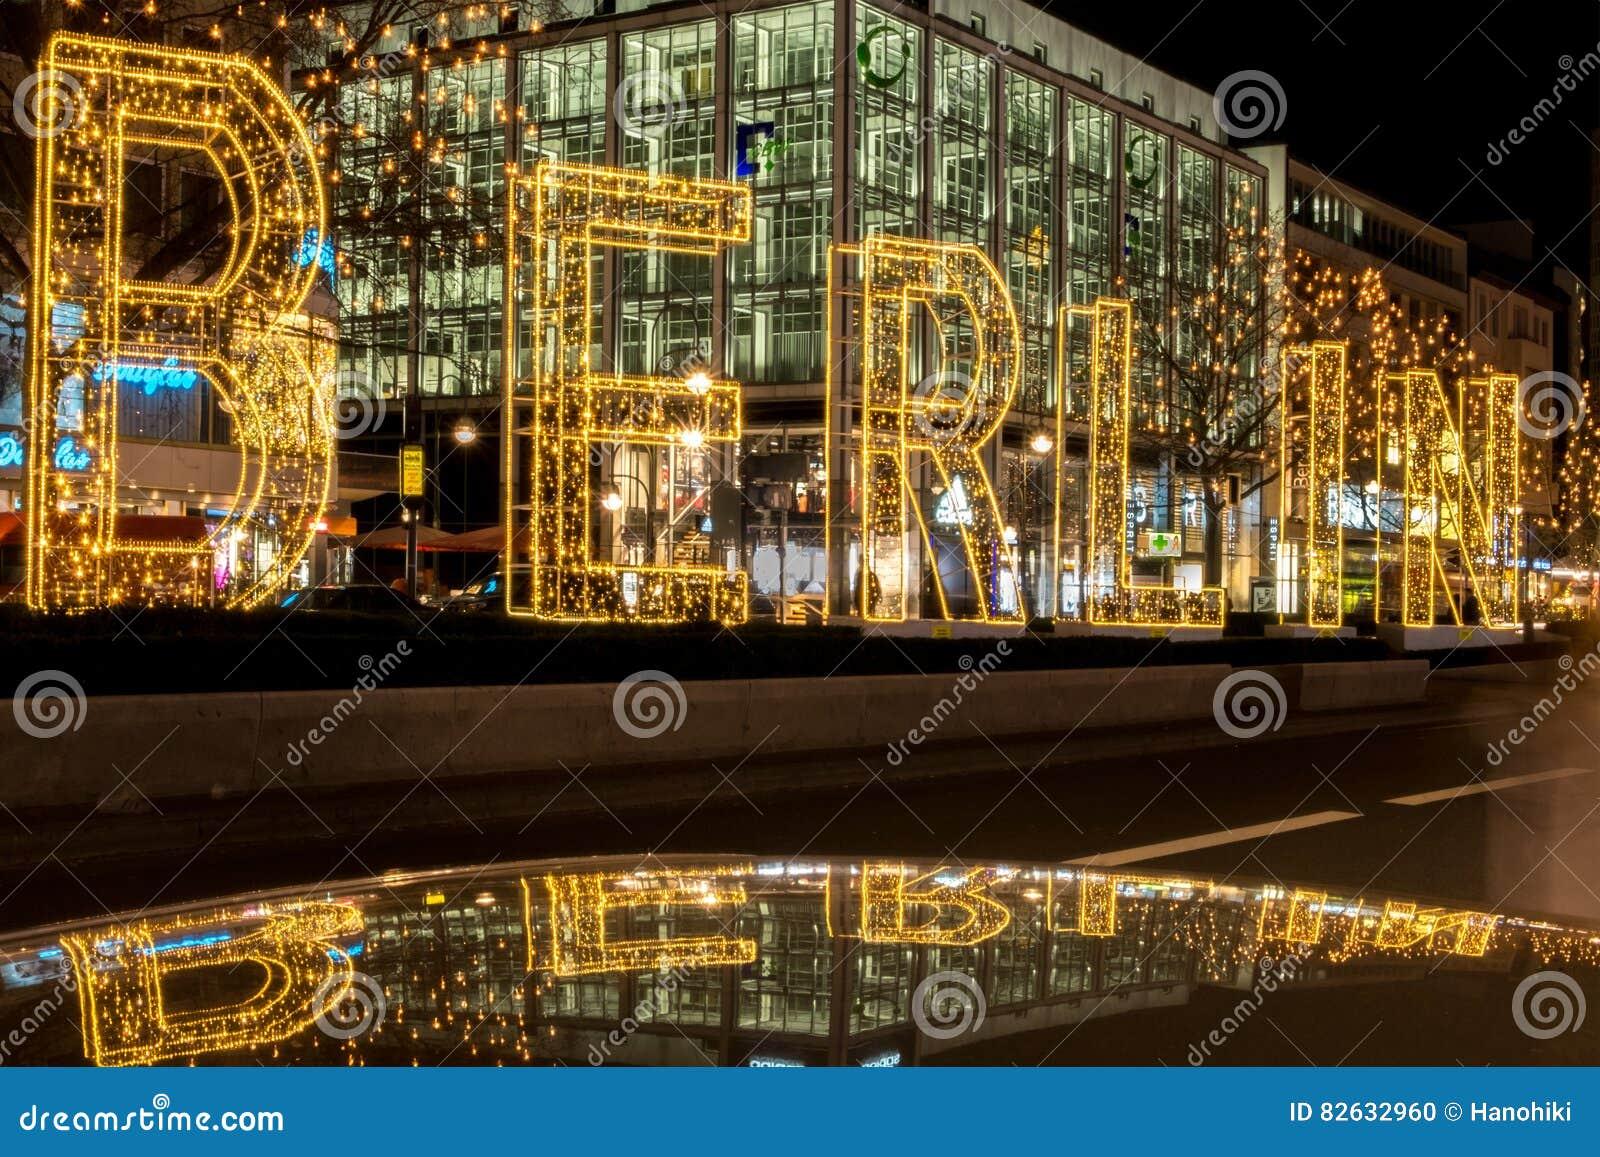 ville de berlin la nuit lettres lumineuses sur la rue. Black Bedroom Furniture Sets. Home Design Ideas